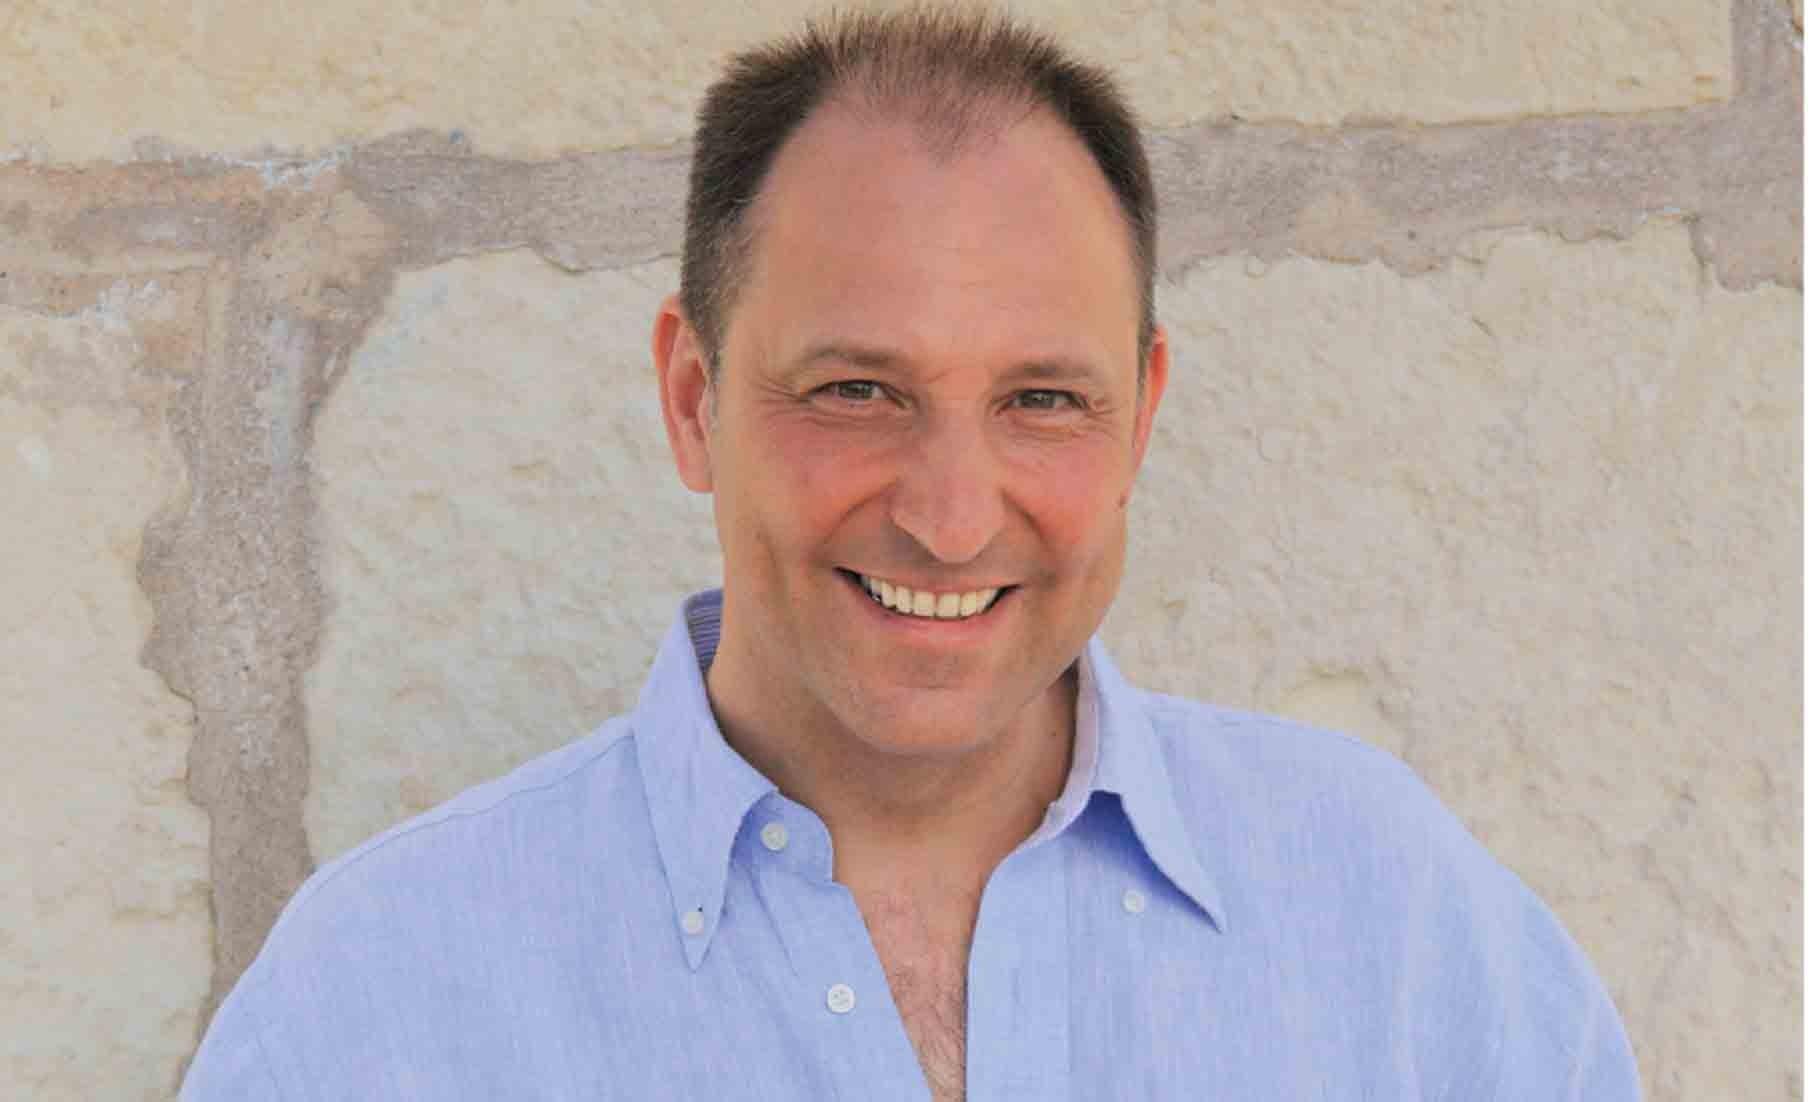 Stefan Persch